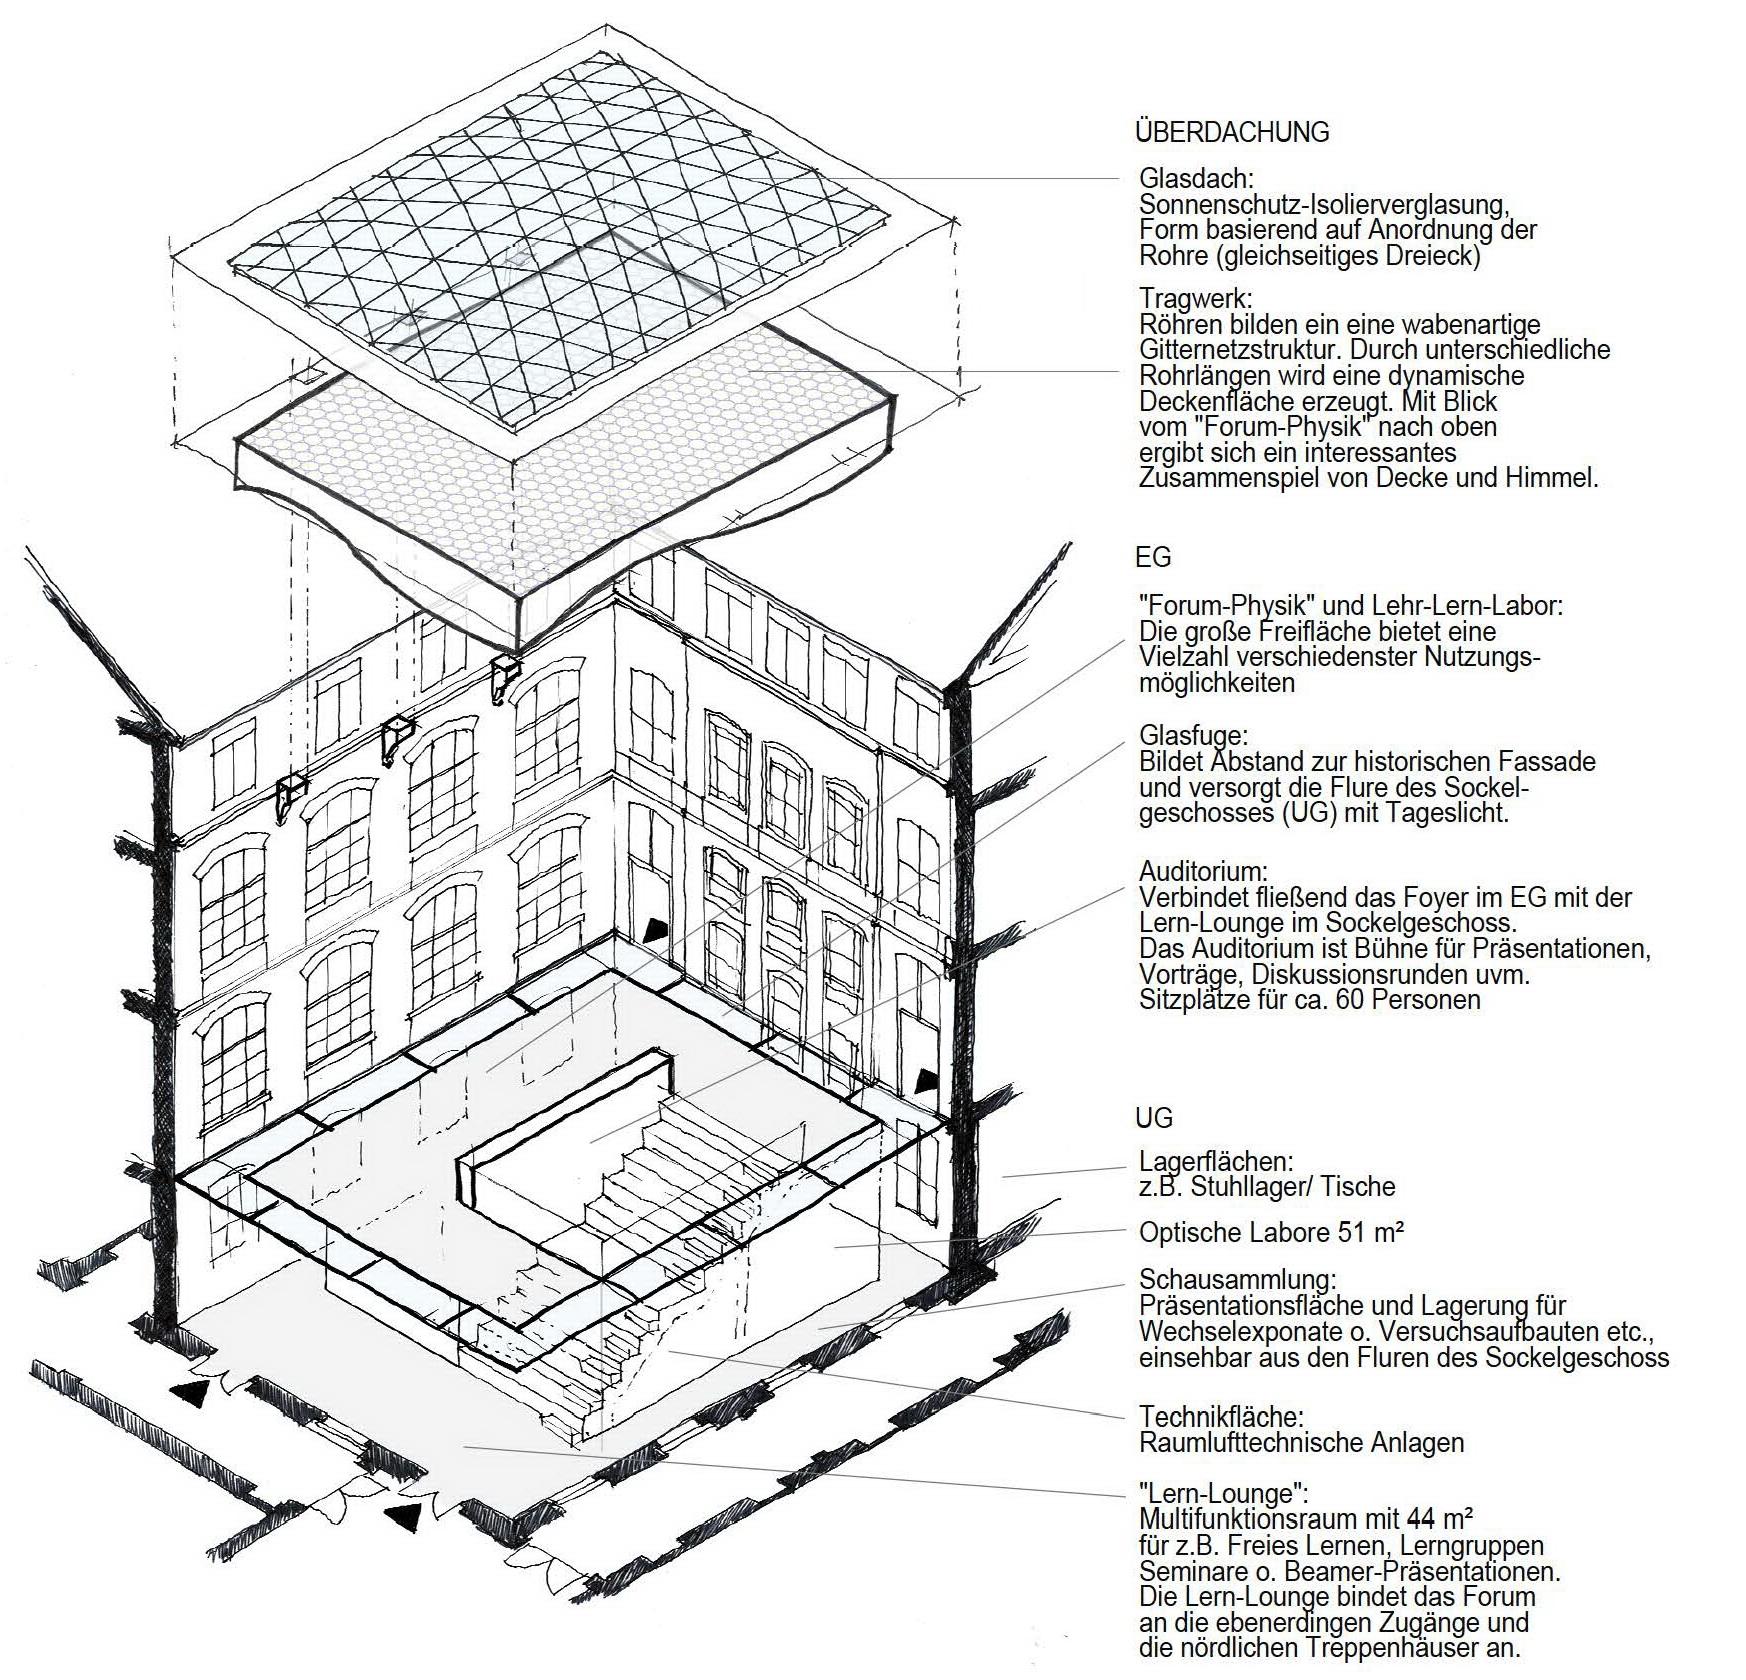 Forum Physik TU Darmstadt 2 - ArGe Architekten